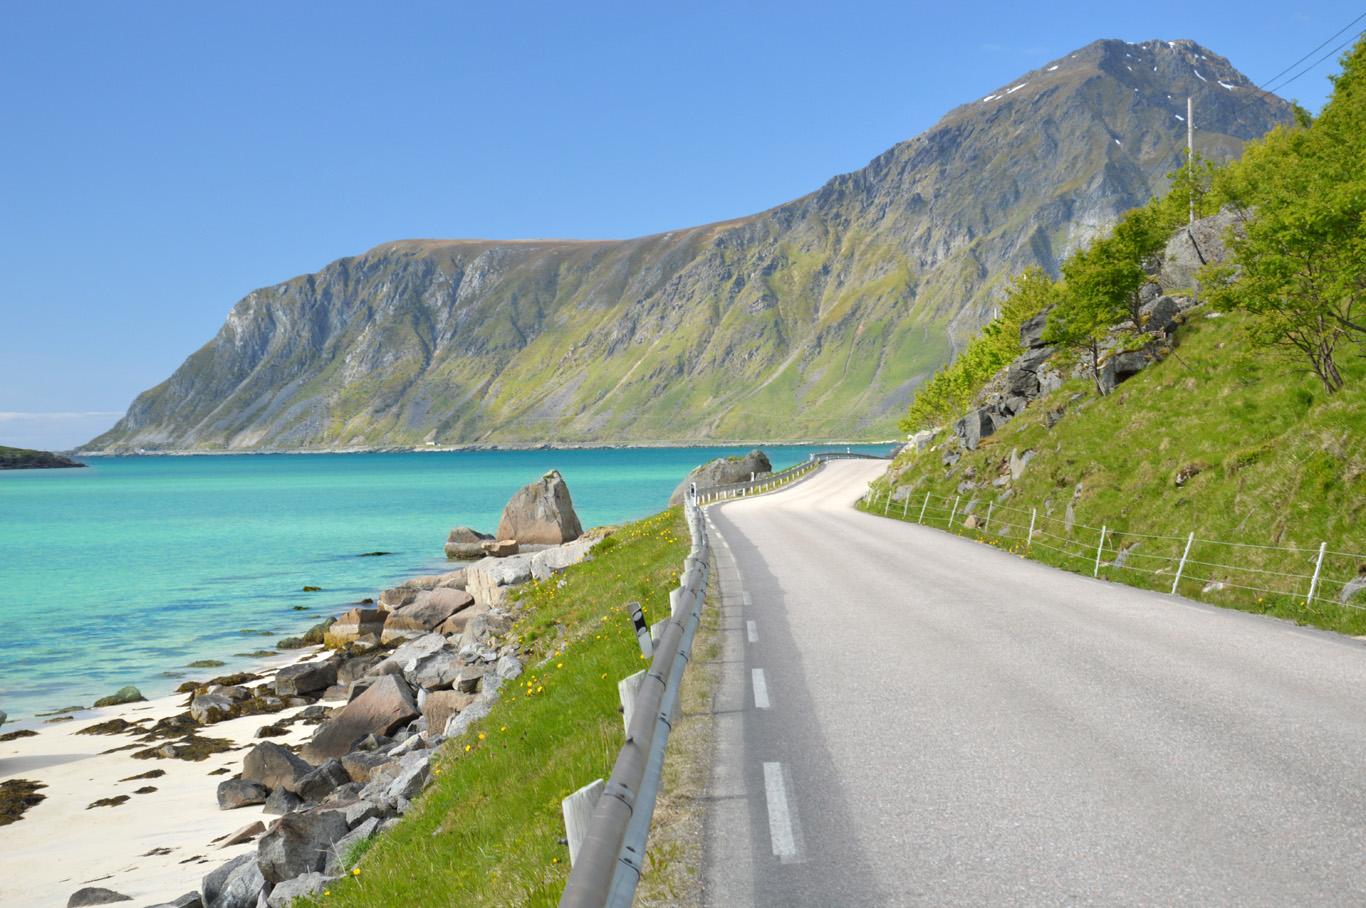 Typical road in Lofoten